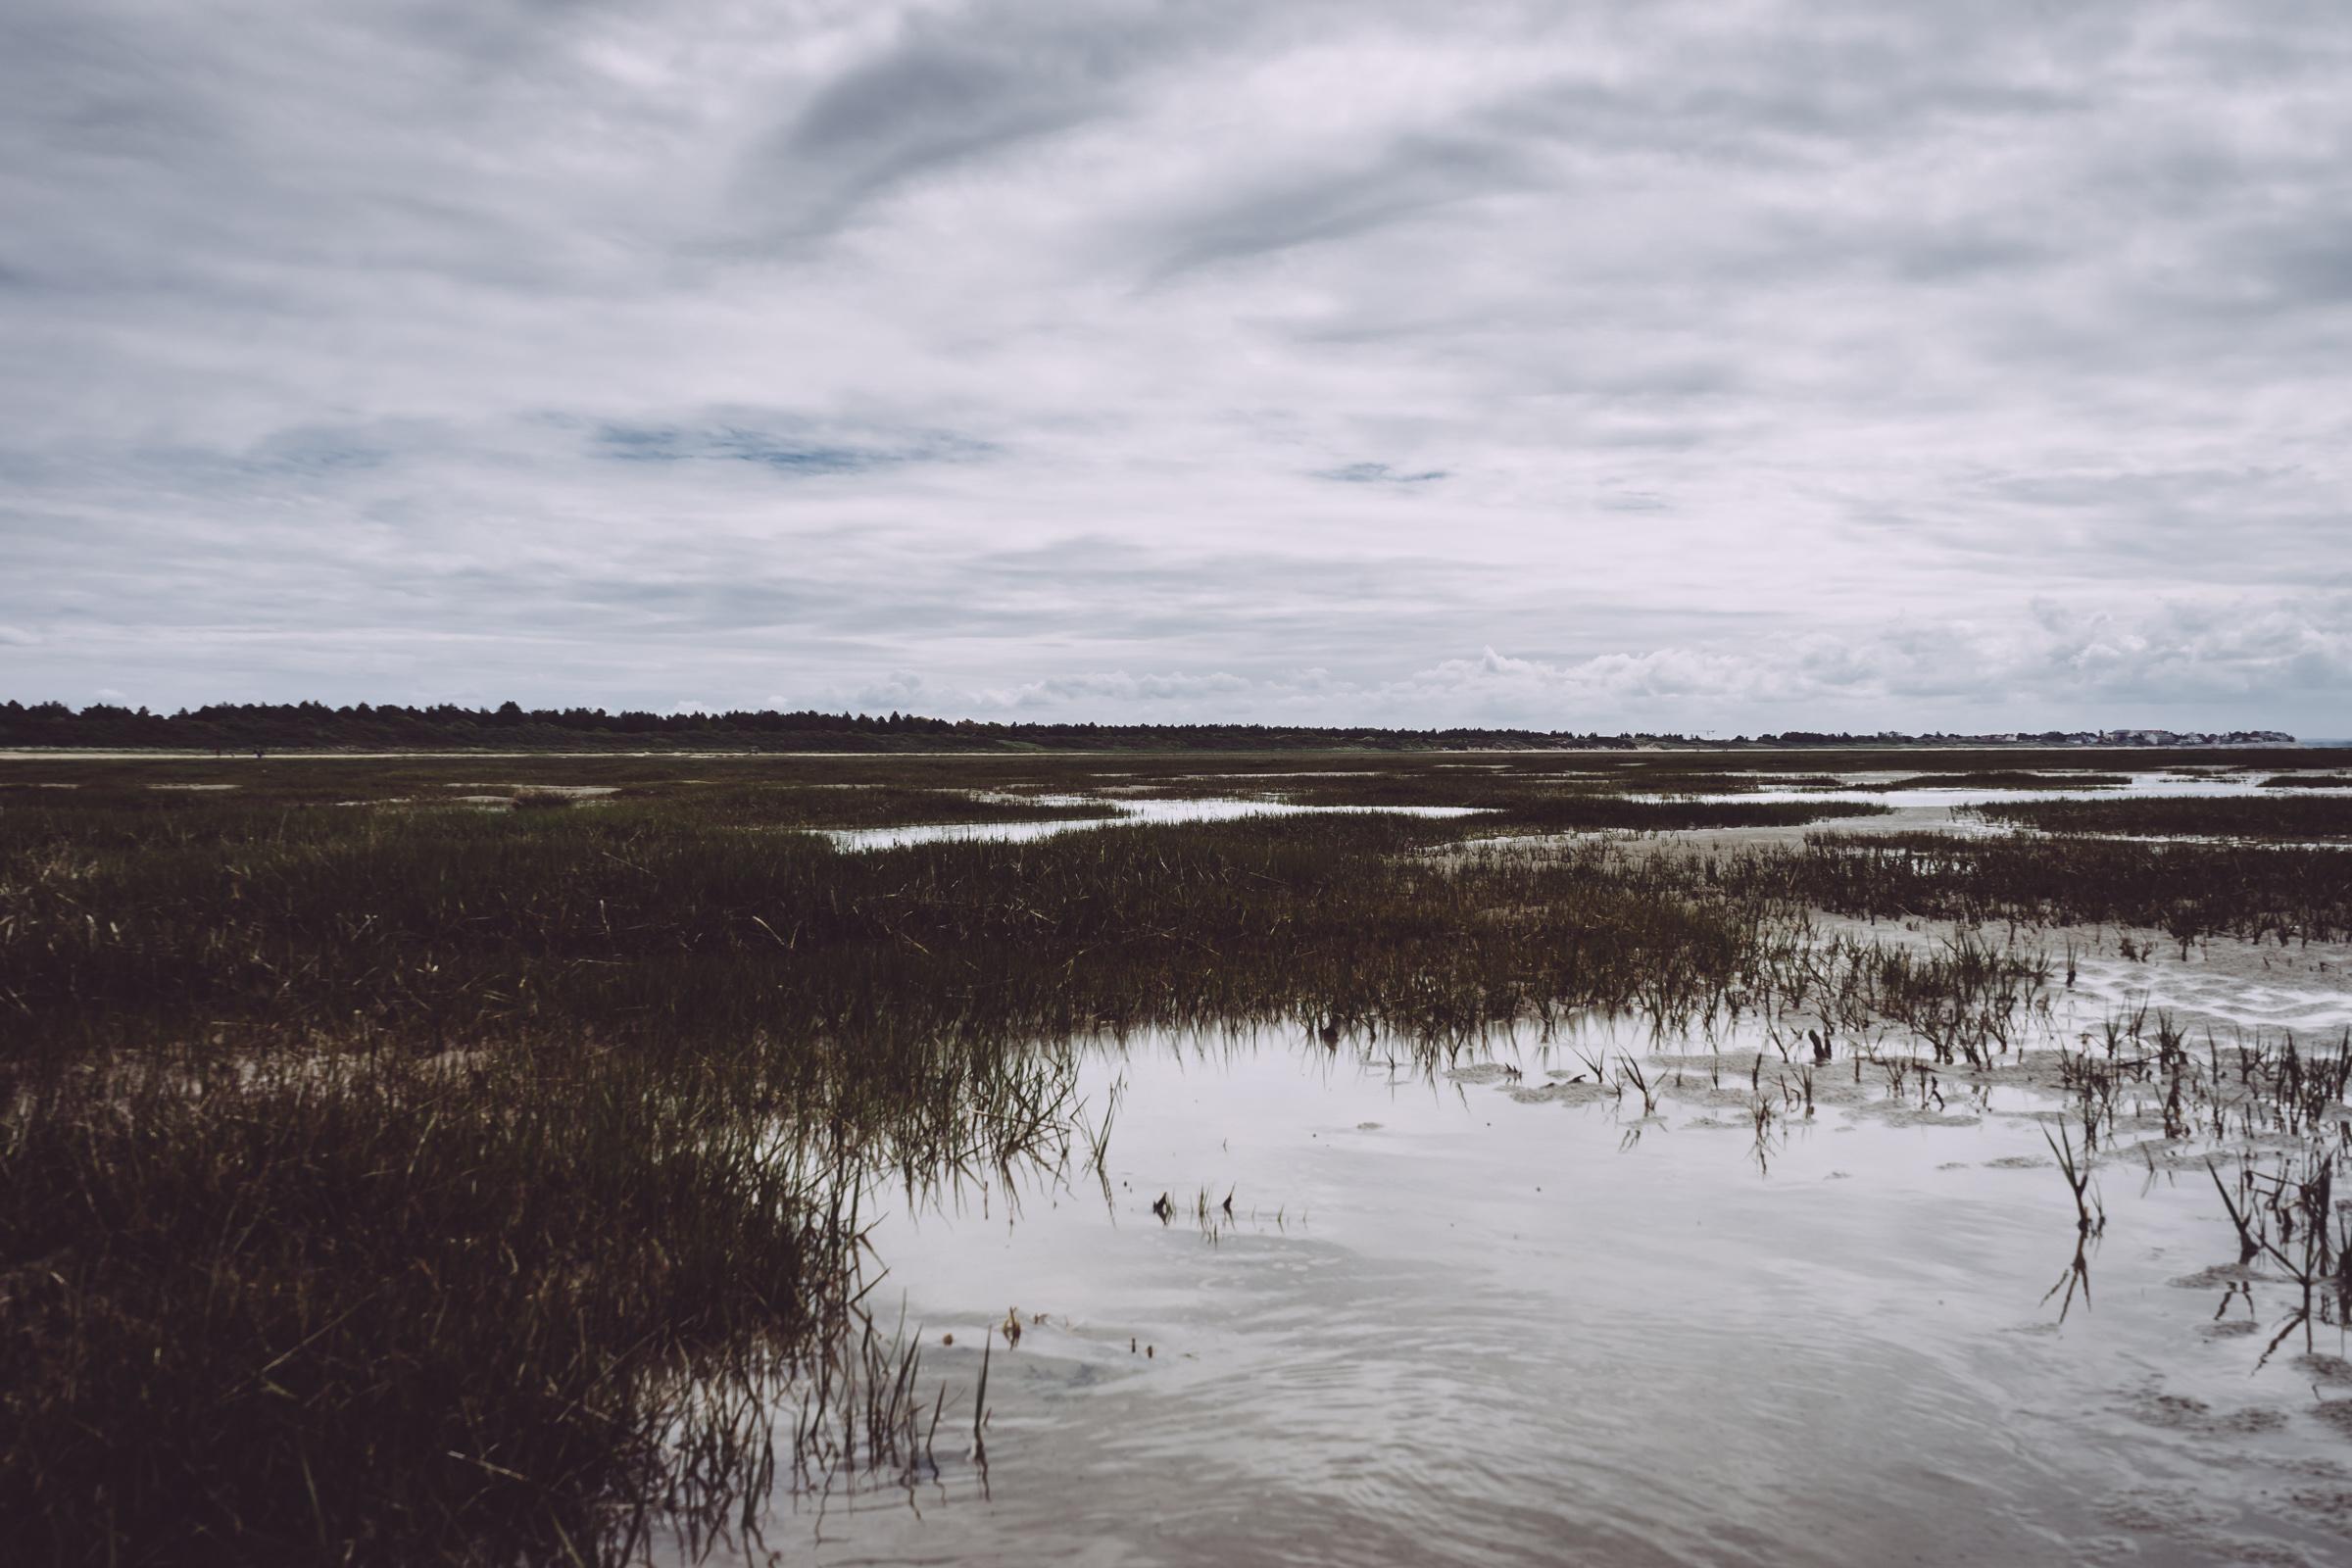 Paysage marécageux de Baie de Somme